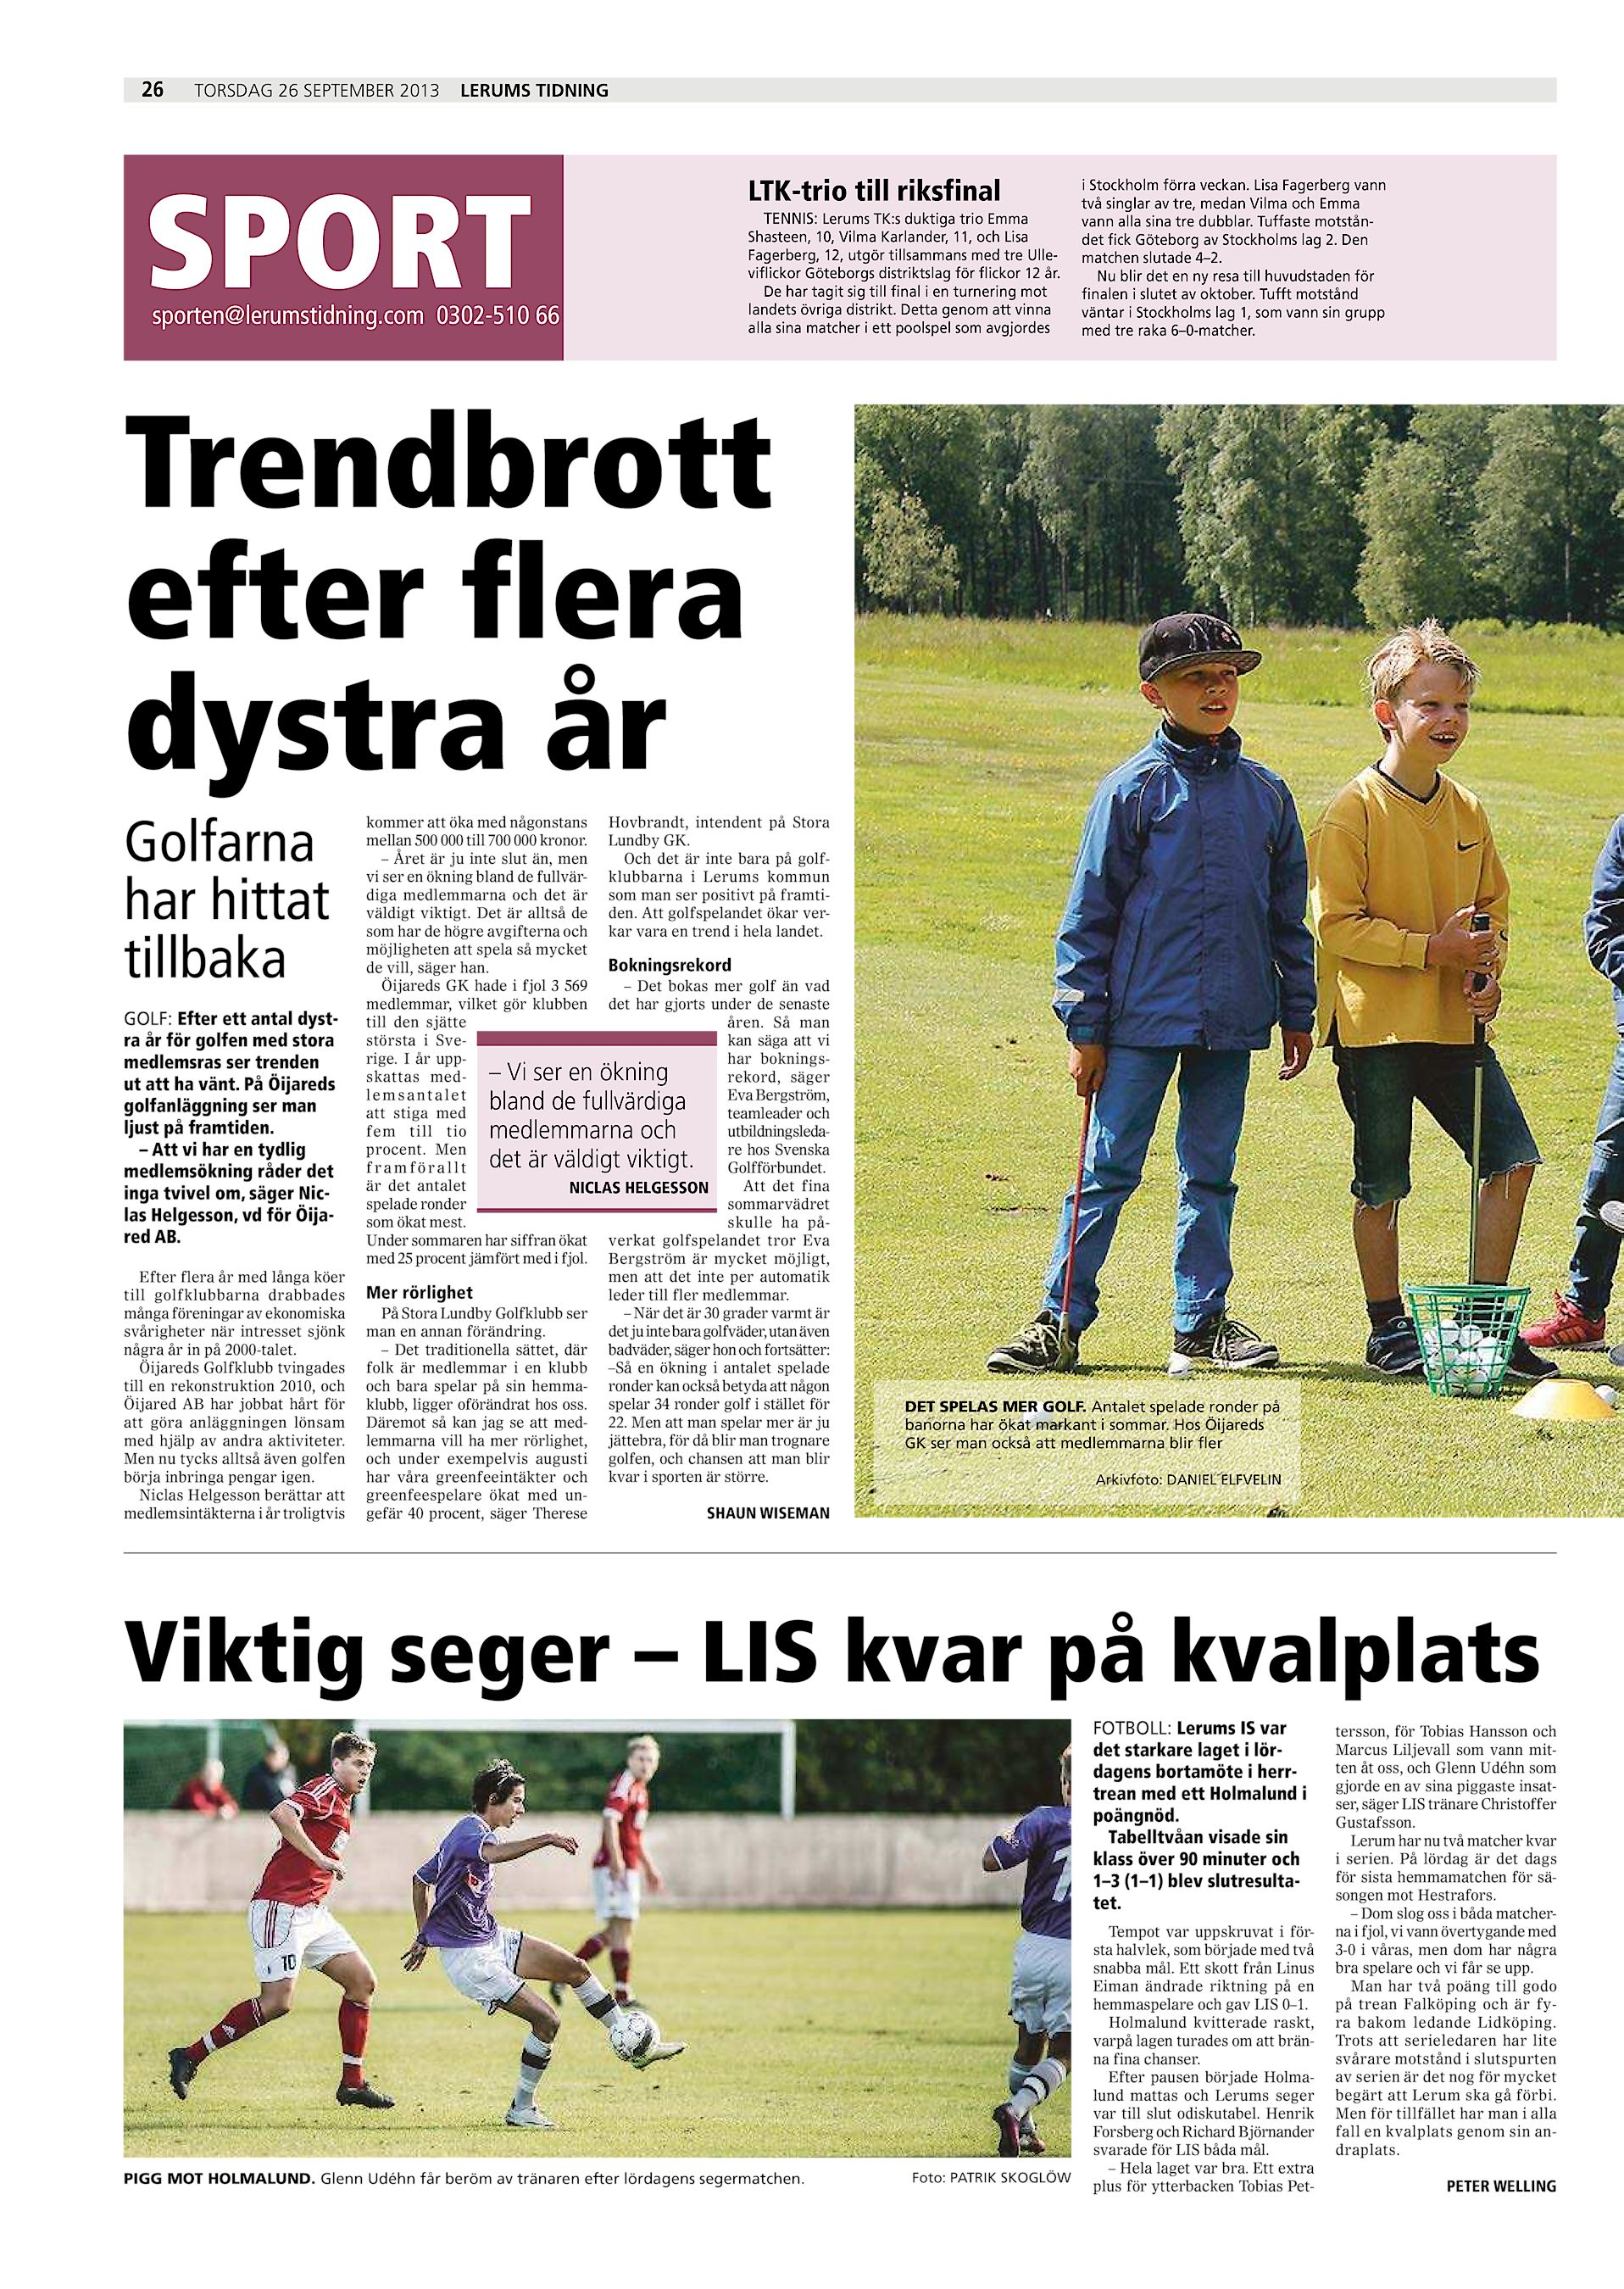 Ulrika Hedenstrm, Stenaredsvgen 26, Olofstorp | satisfaction-survey.net